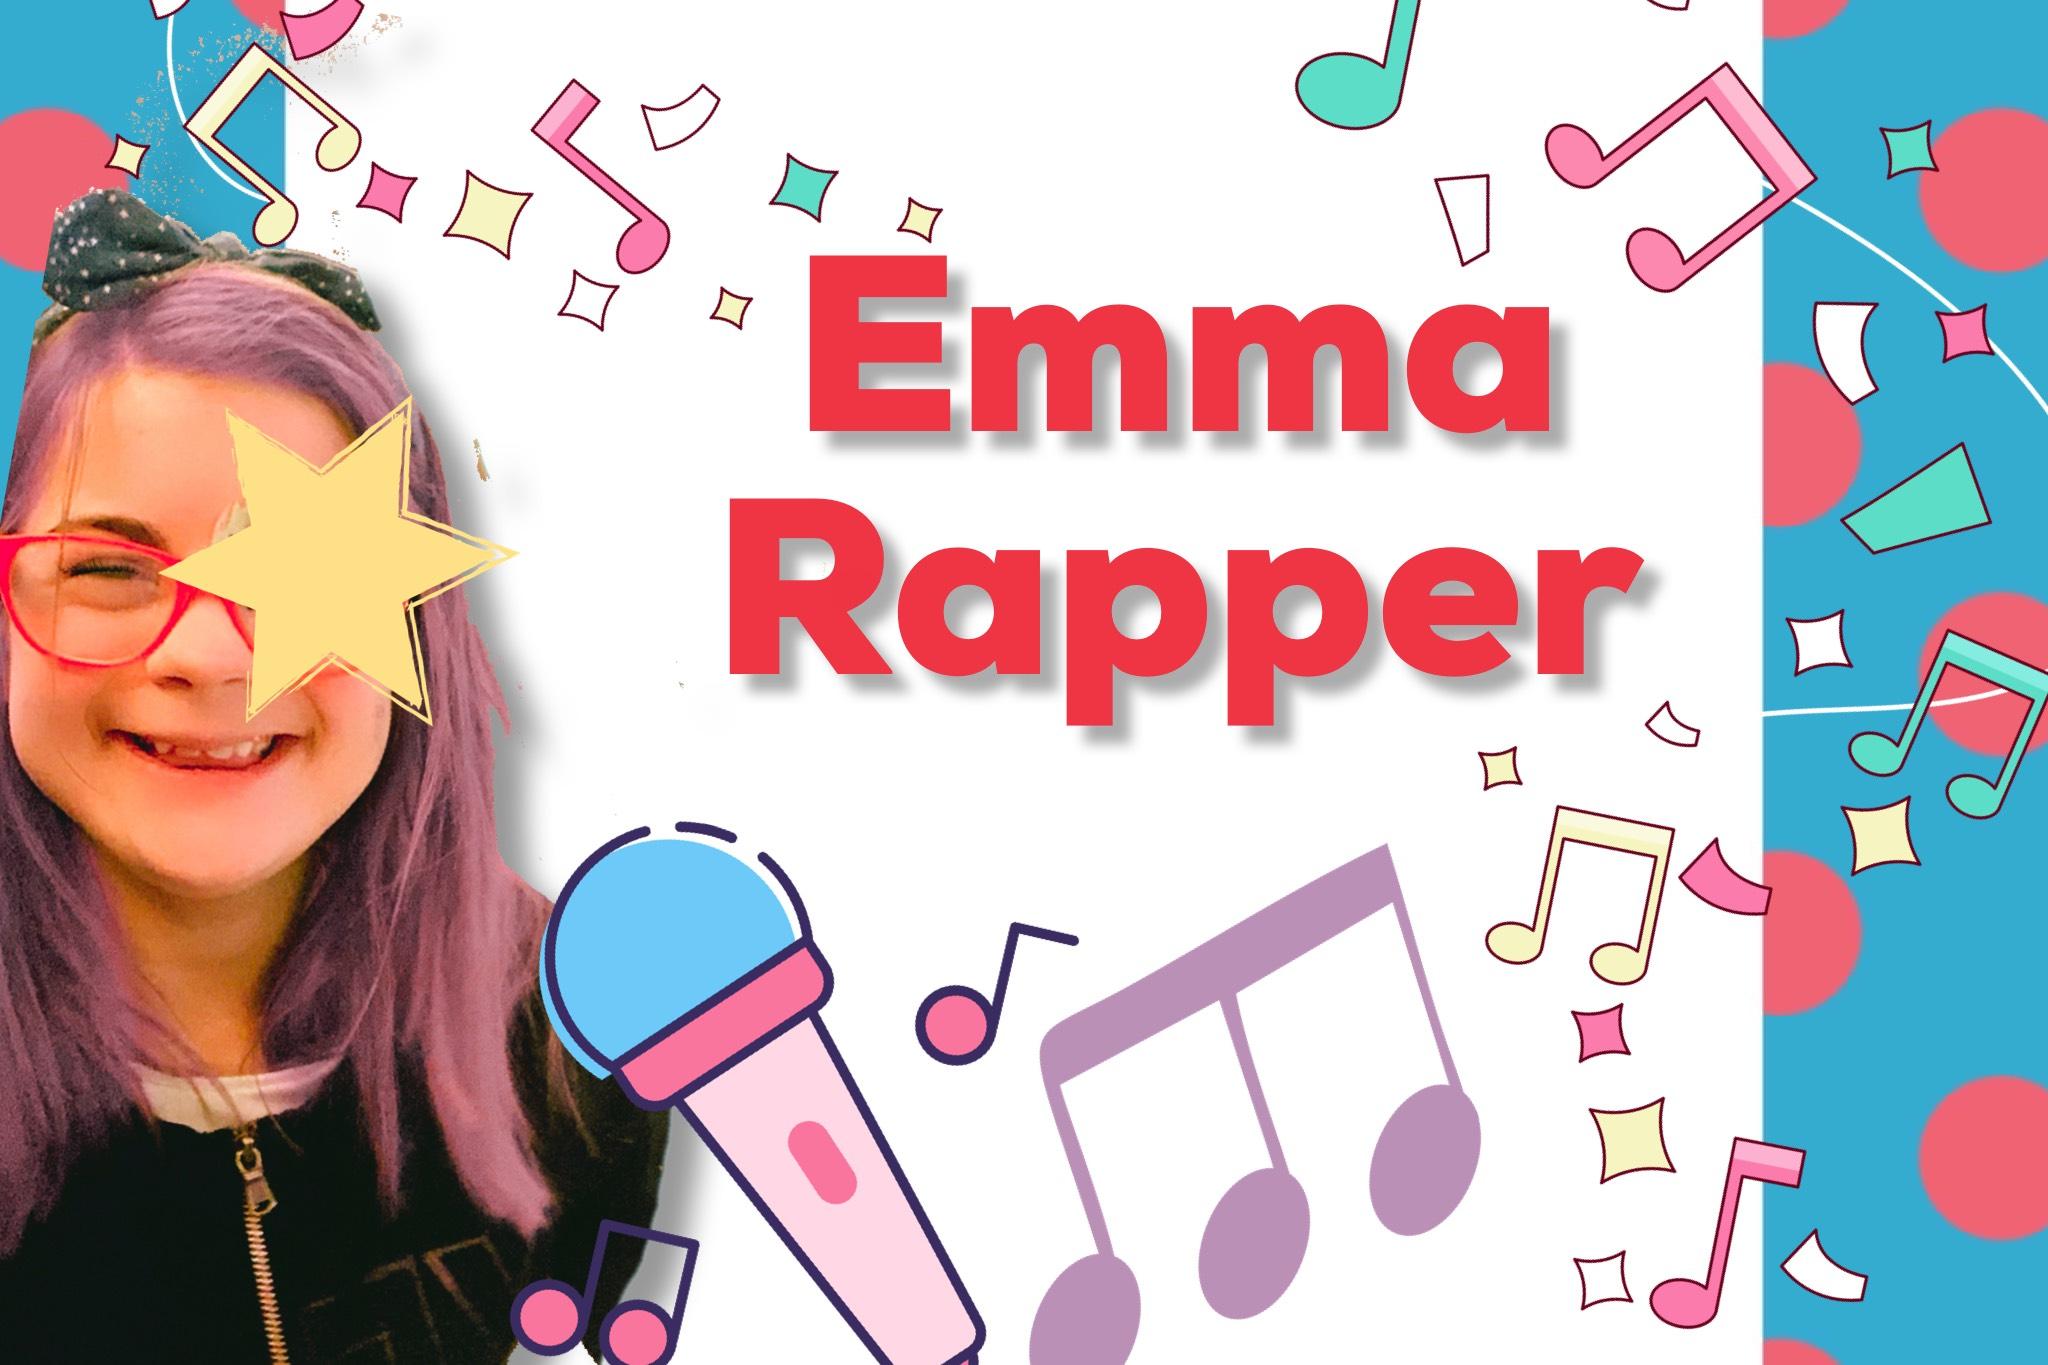 emma canta rap